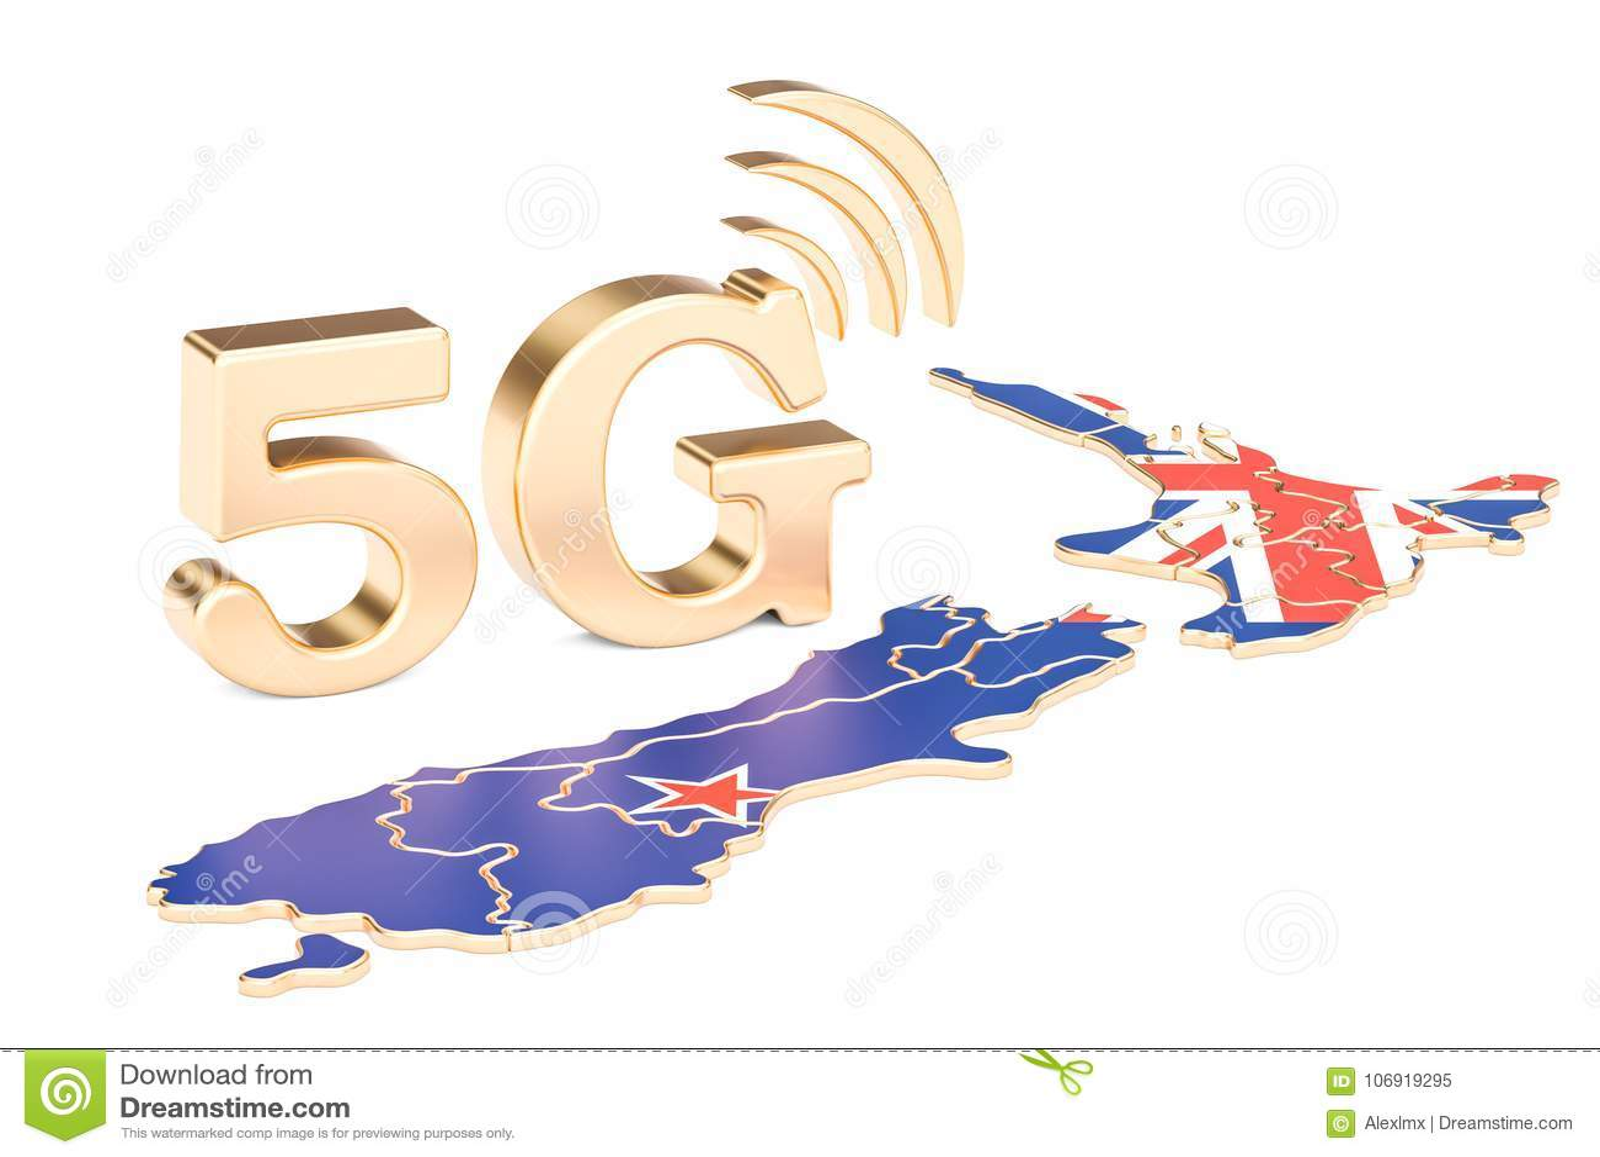 5G w Nowa Zelandia pojęciu, 3D rendering